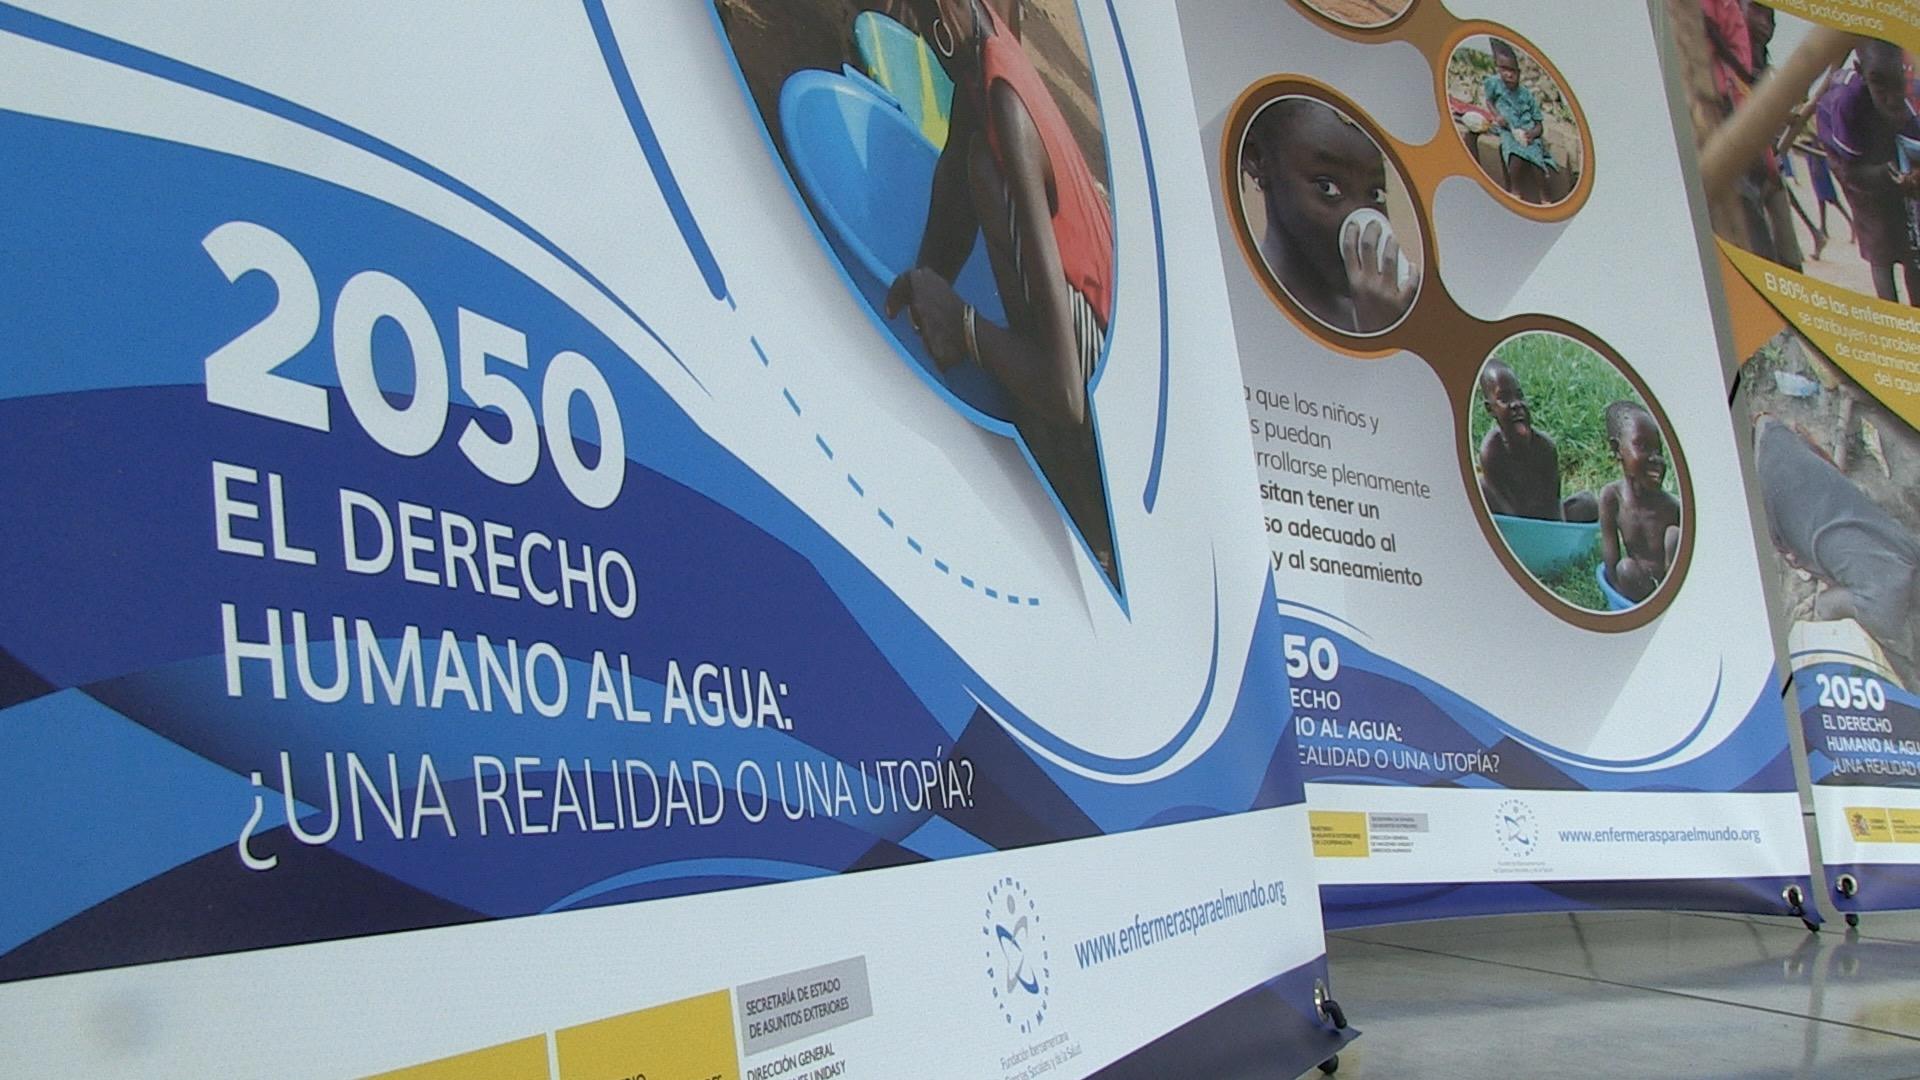 La exposici n 2050 el derecho humano al agua realidad - Utopia madrid ...